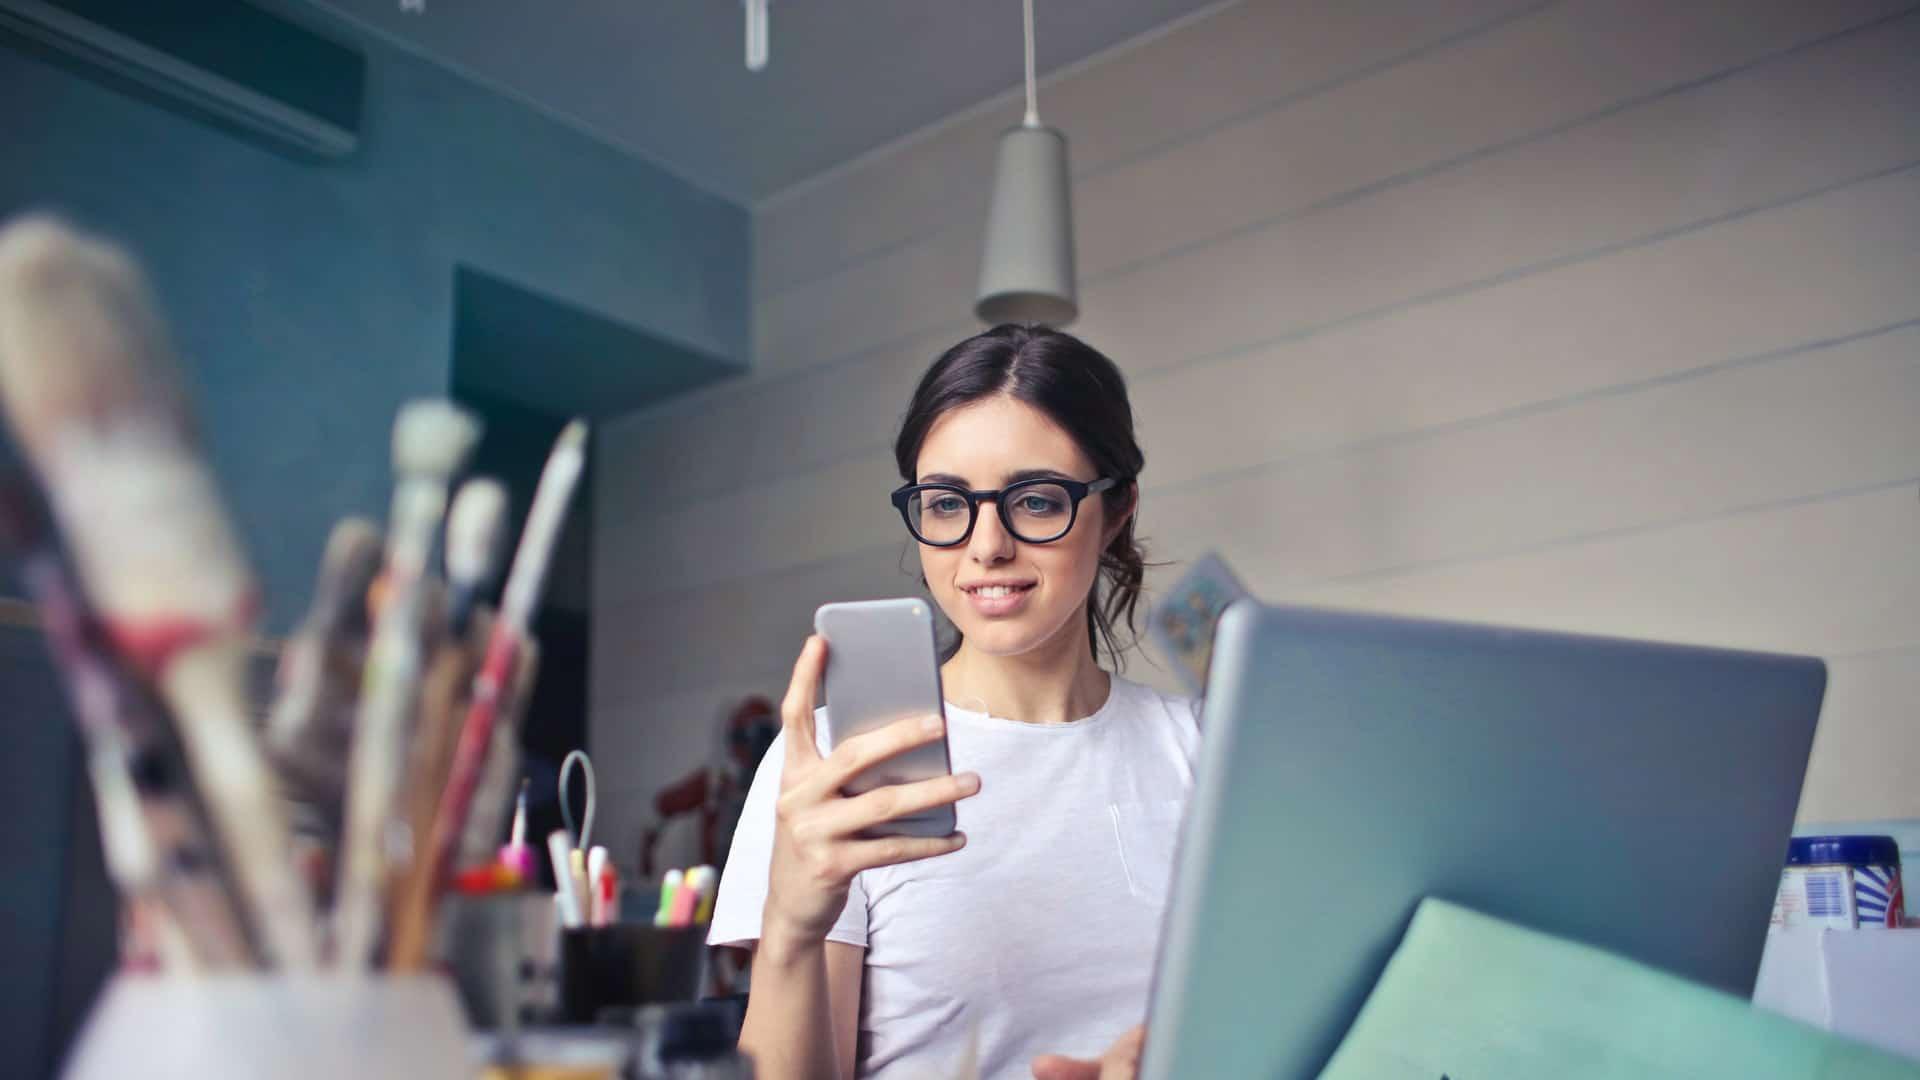 Les outils utiles pour créer du contenu quand on lance une start-up